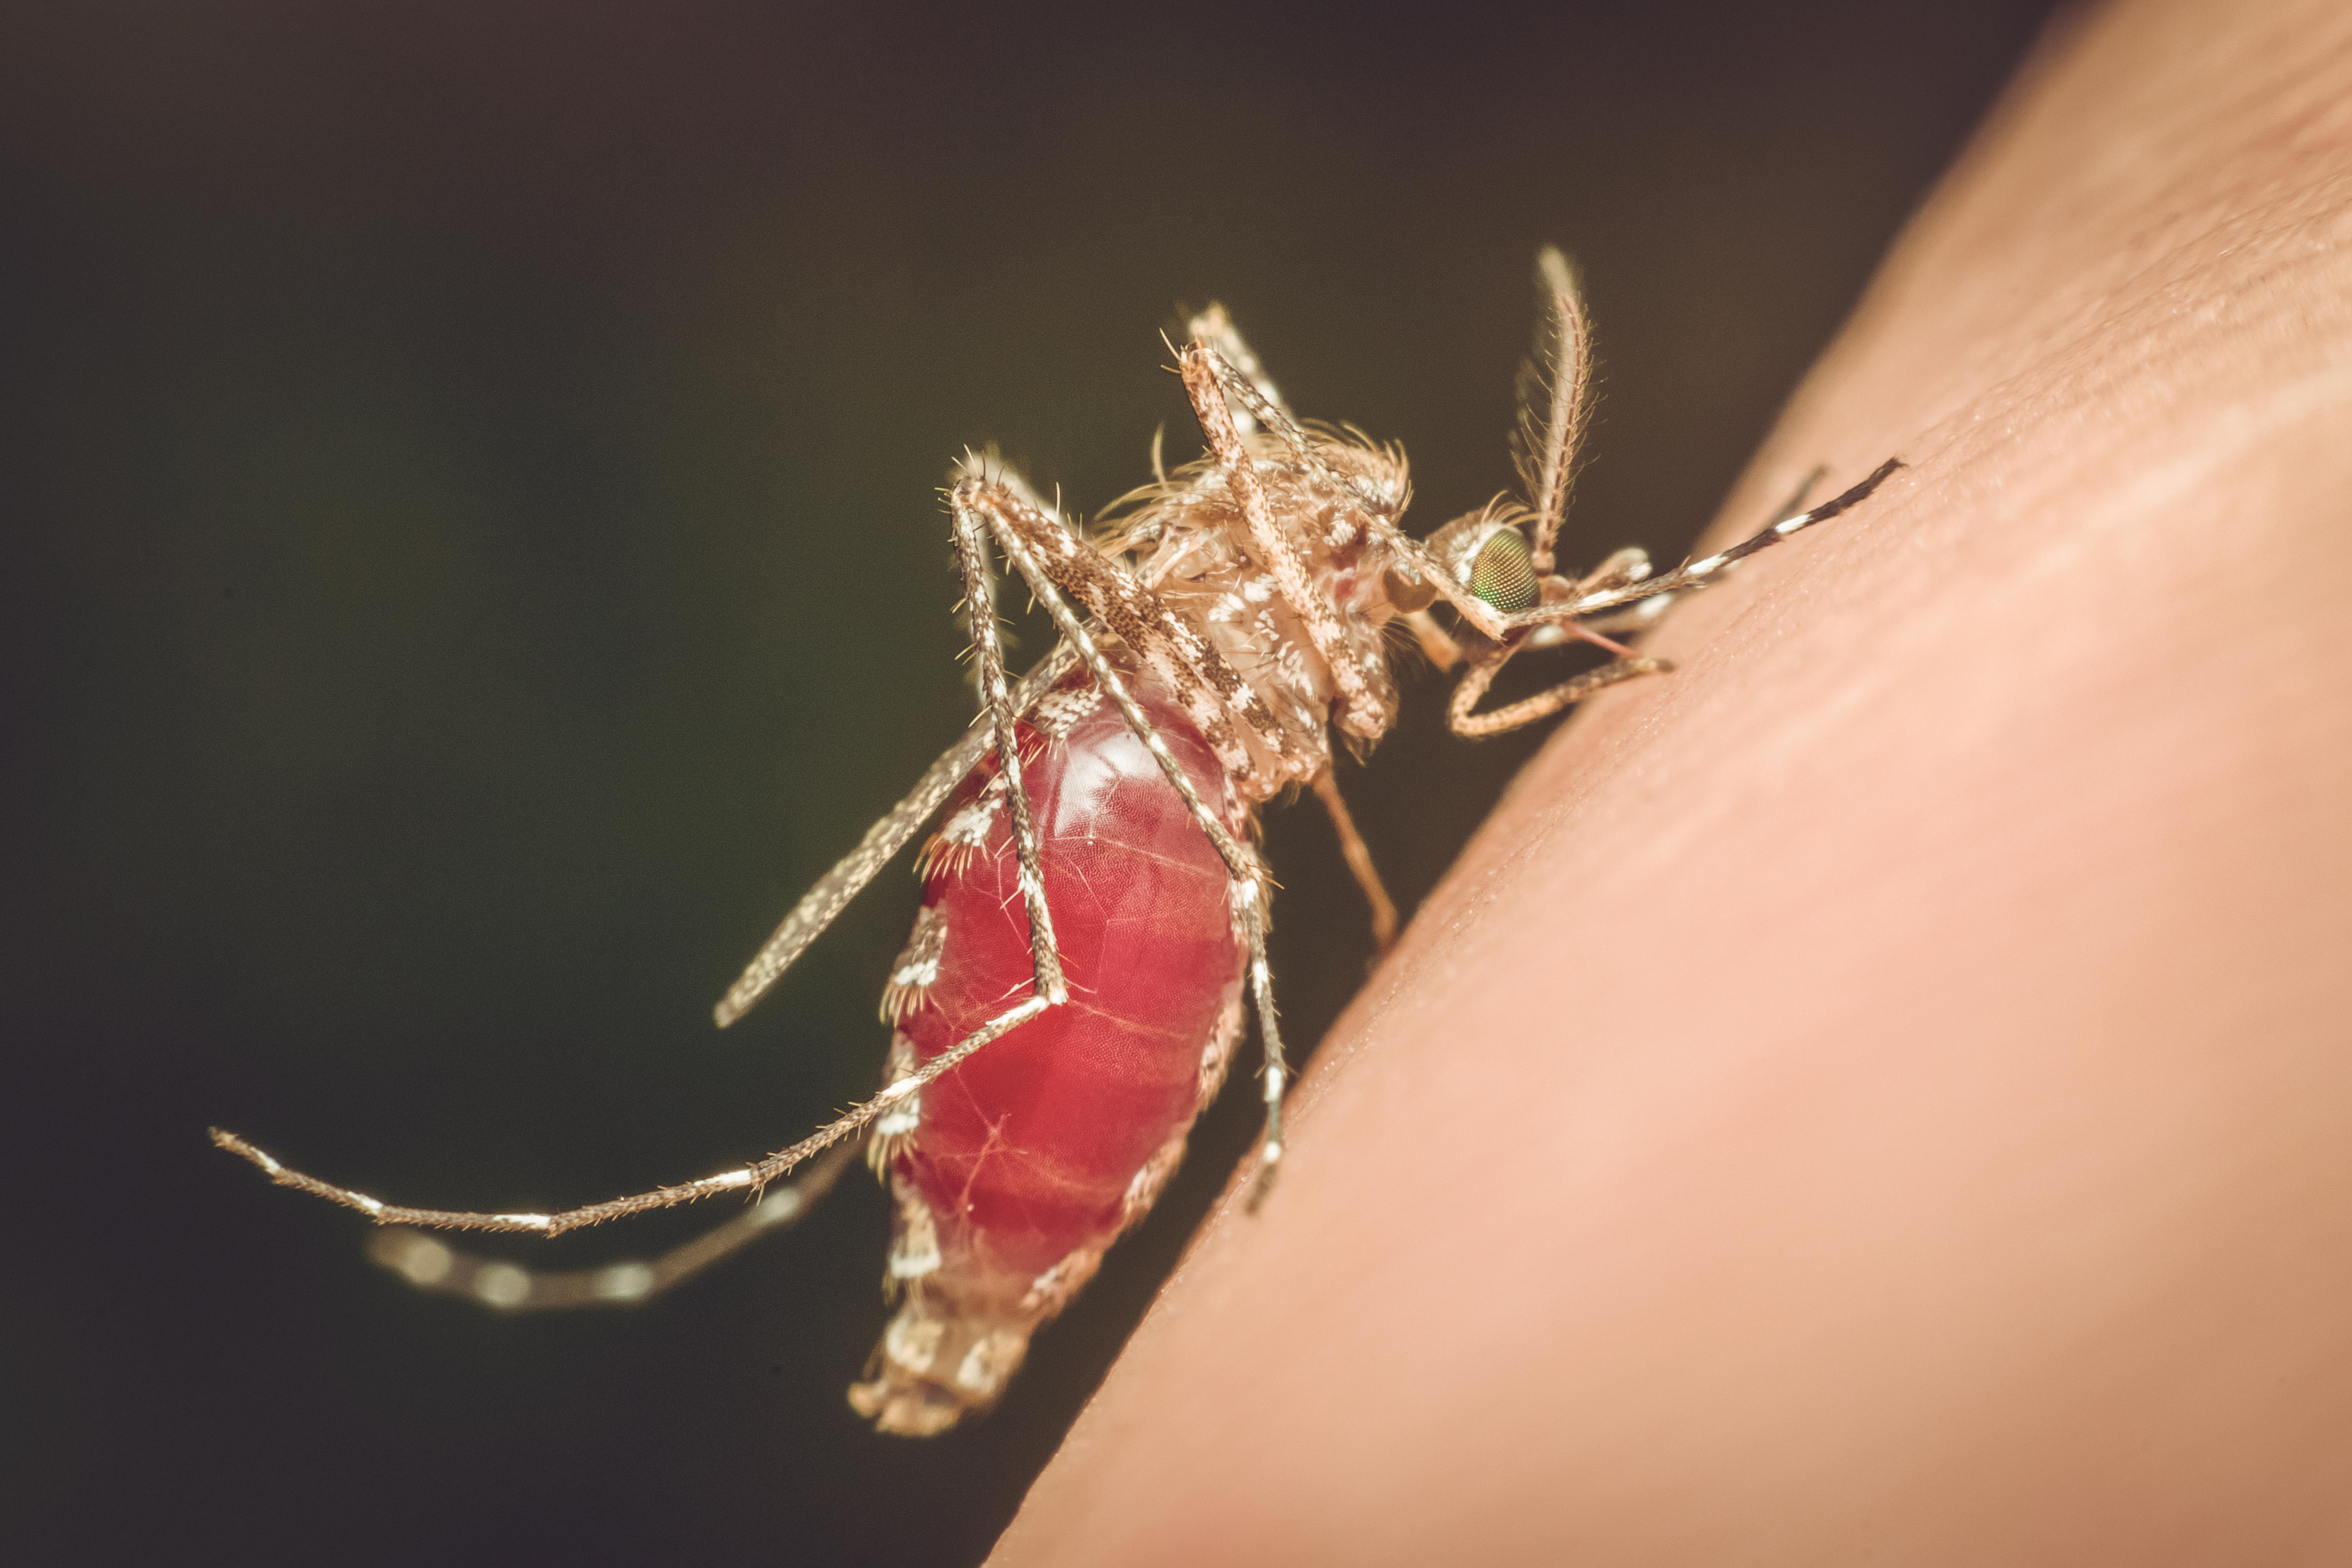 Malaria är en av världens vanligaste och mest allvarliga sjukdomar och sprids via myggor.